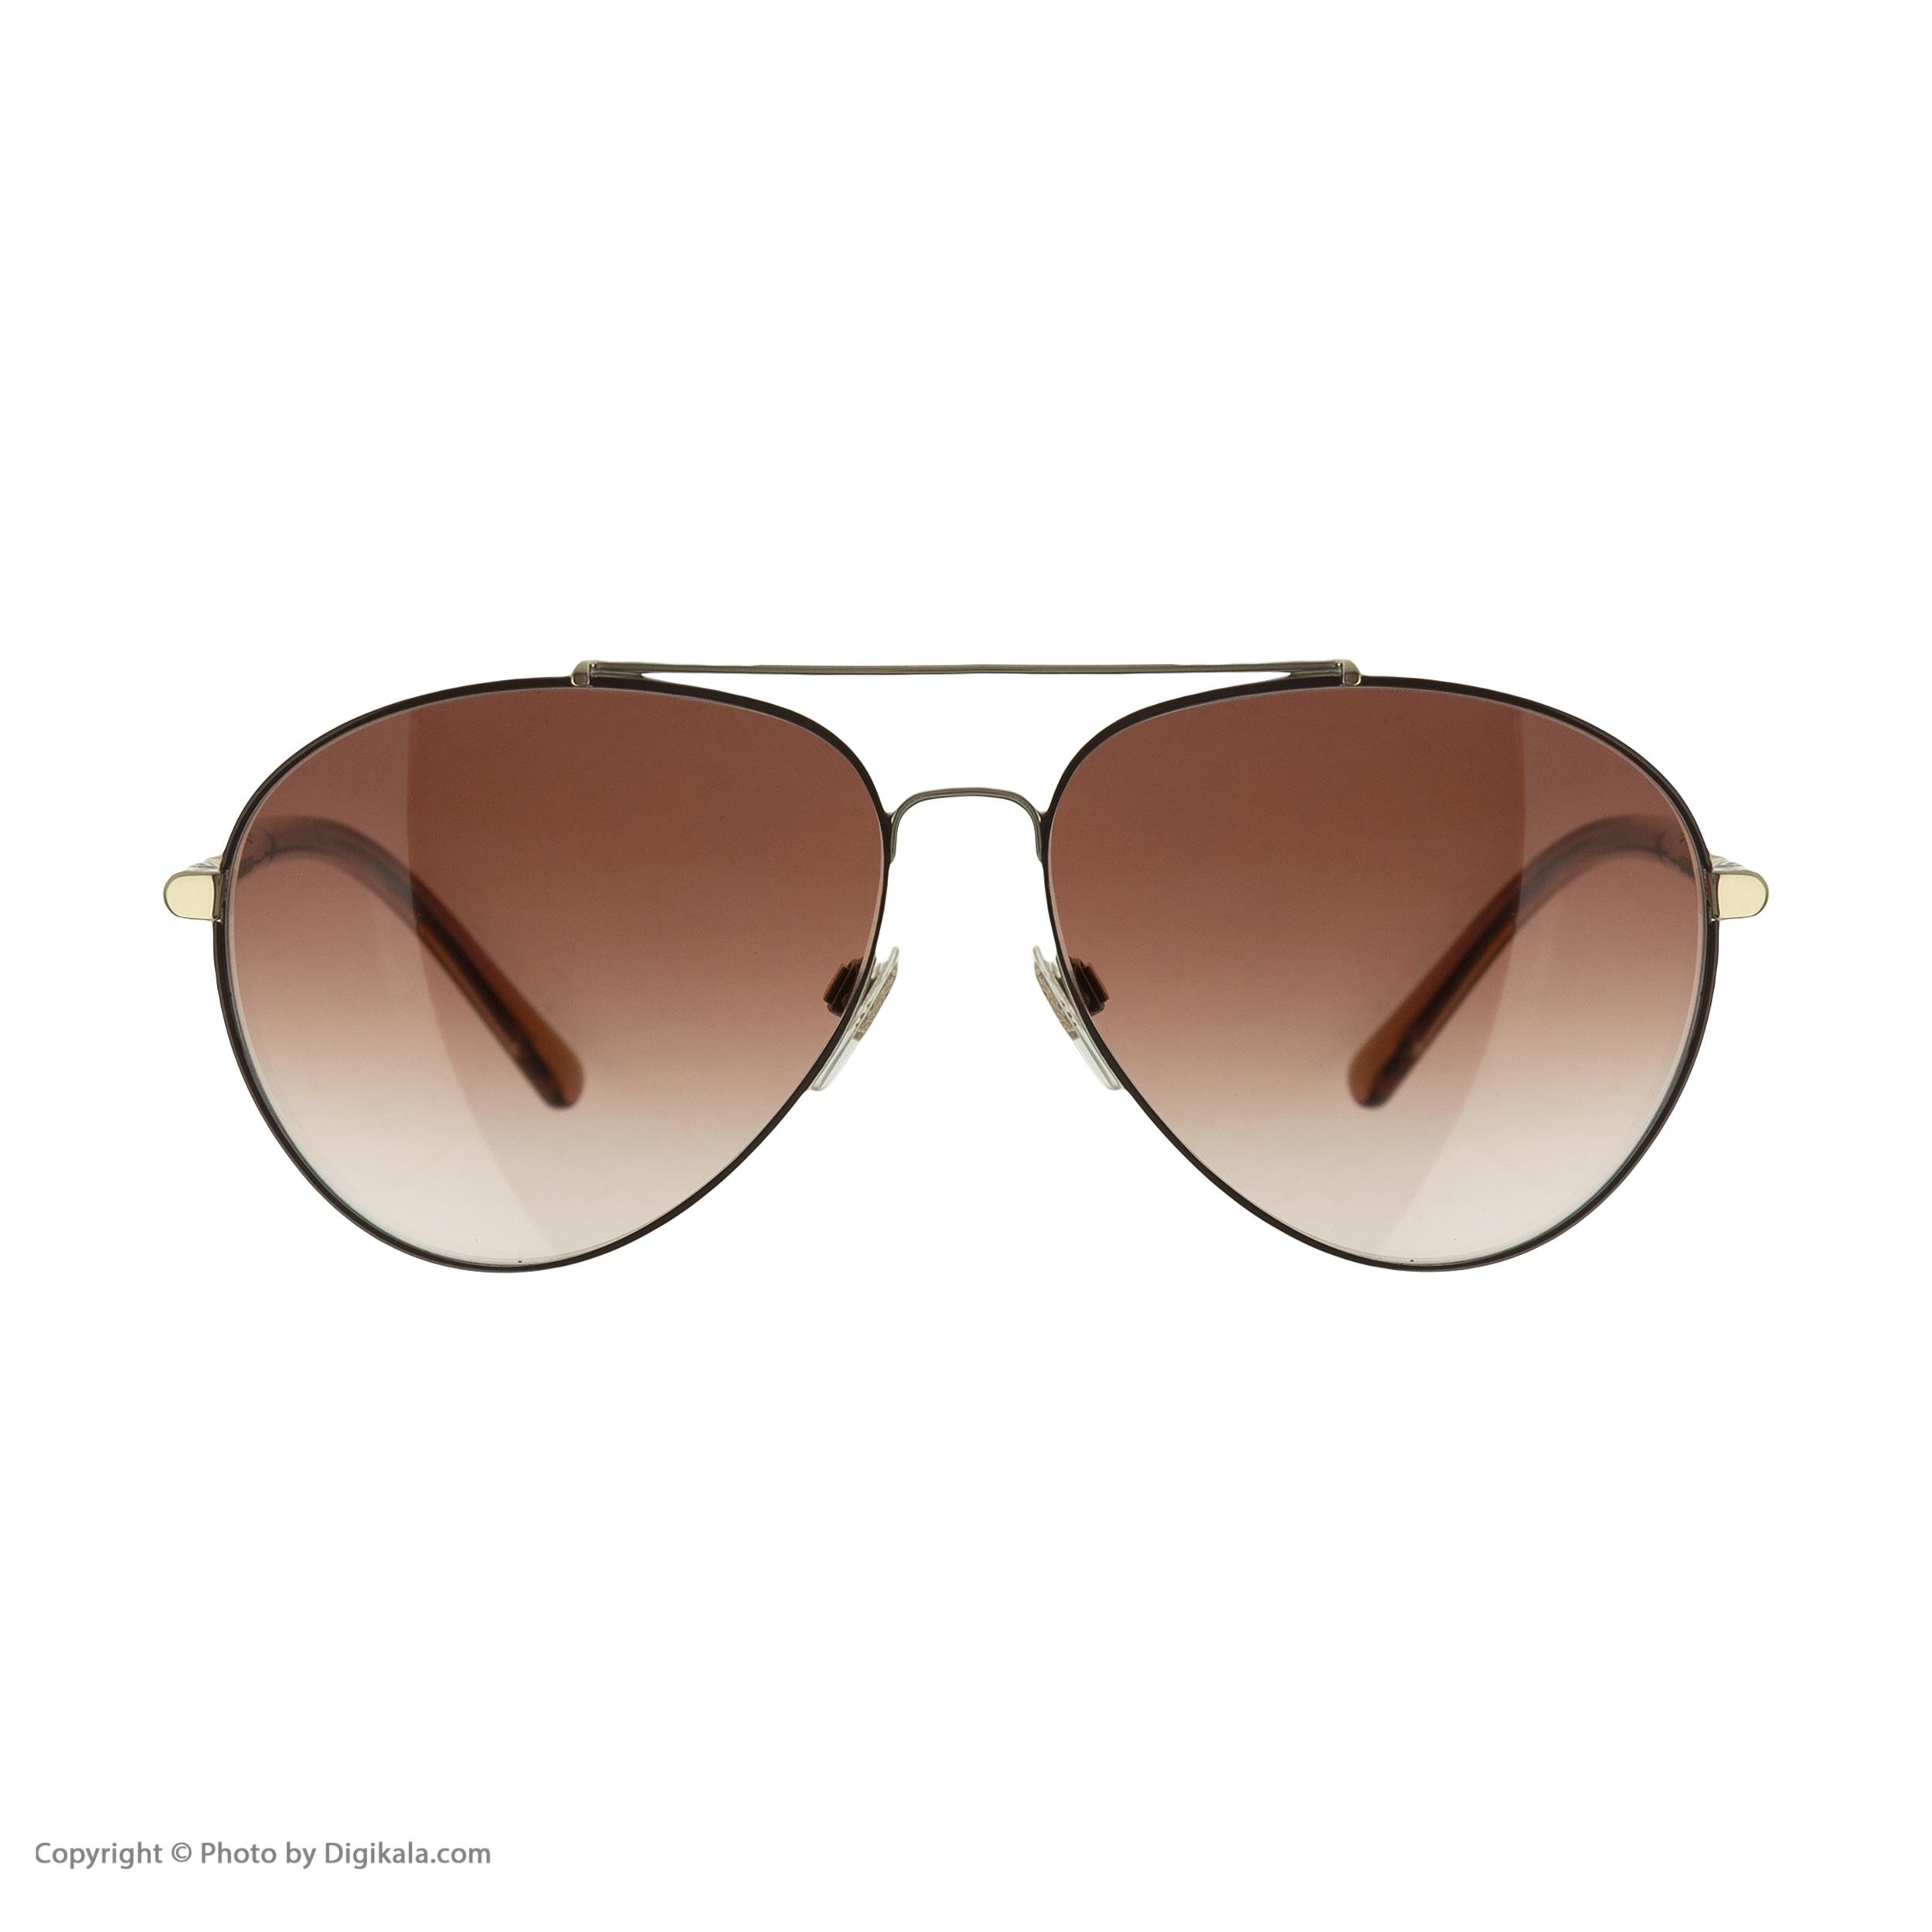 عینک آفتابی زنانه بربری مدل BE 3089S 121613 58 -  - 3